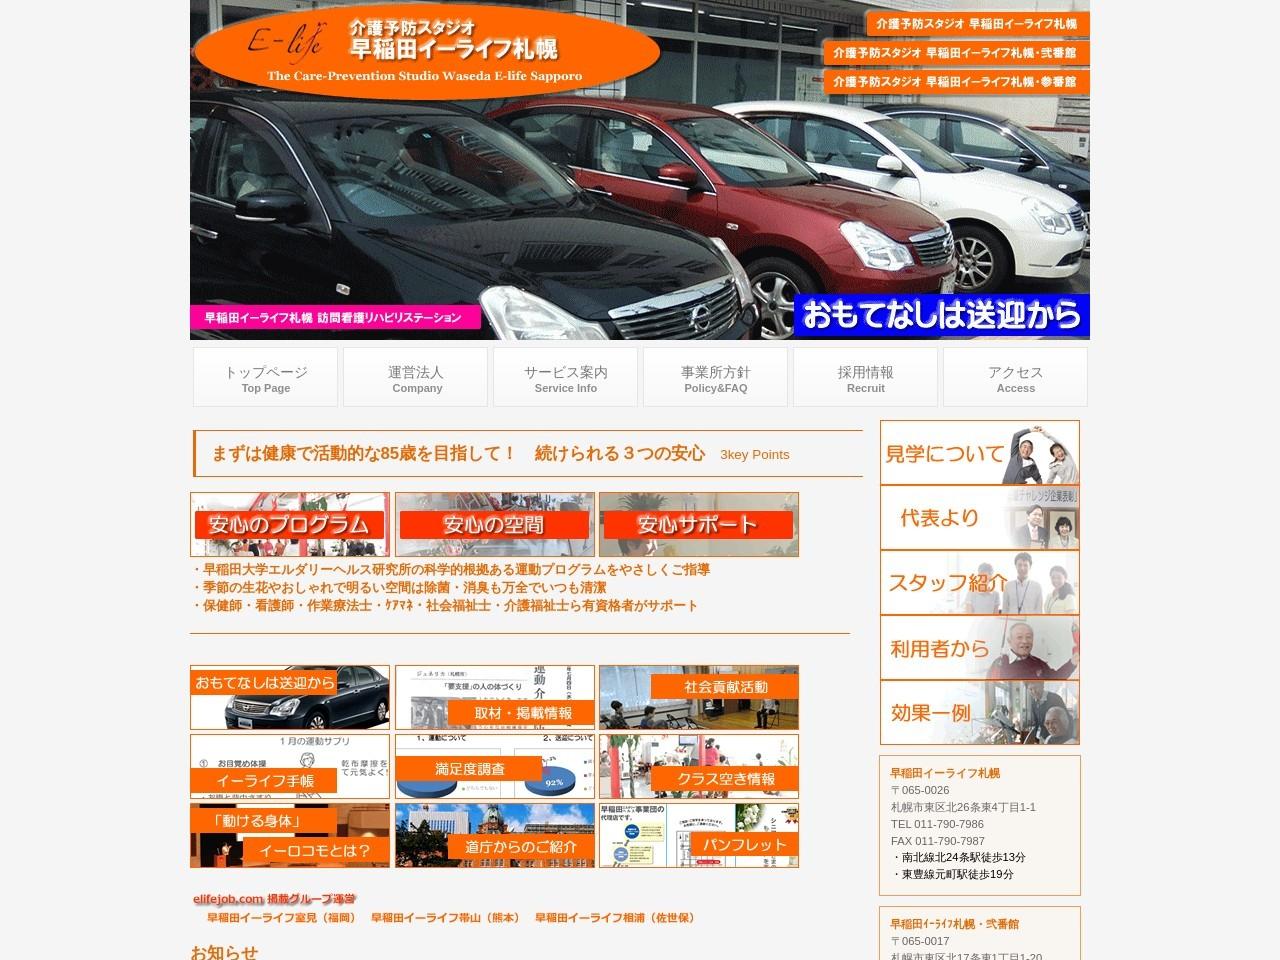 介護予防スタジオ 早稲田イーライフ札幌 - 北海道札幌市の要支援の方のための介護予防専門デイサービス-